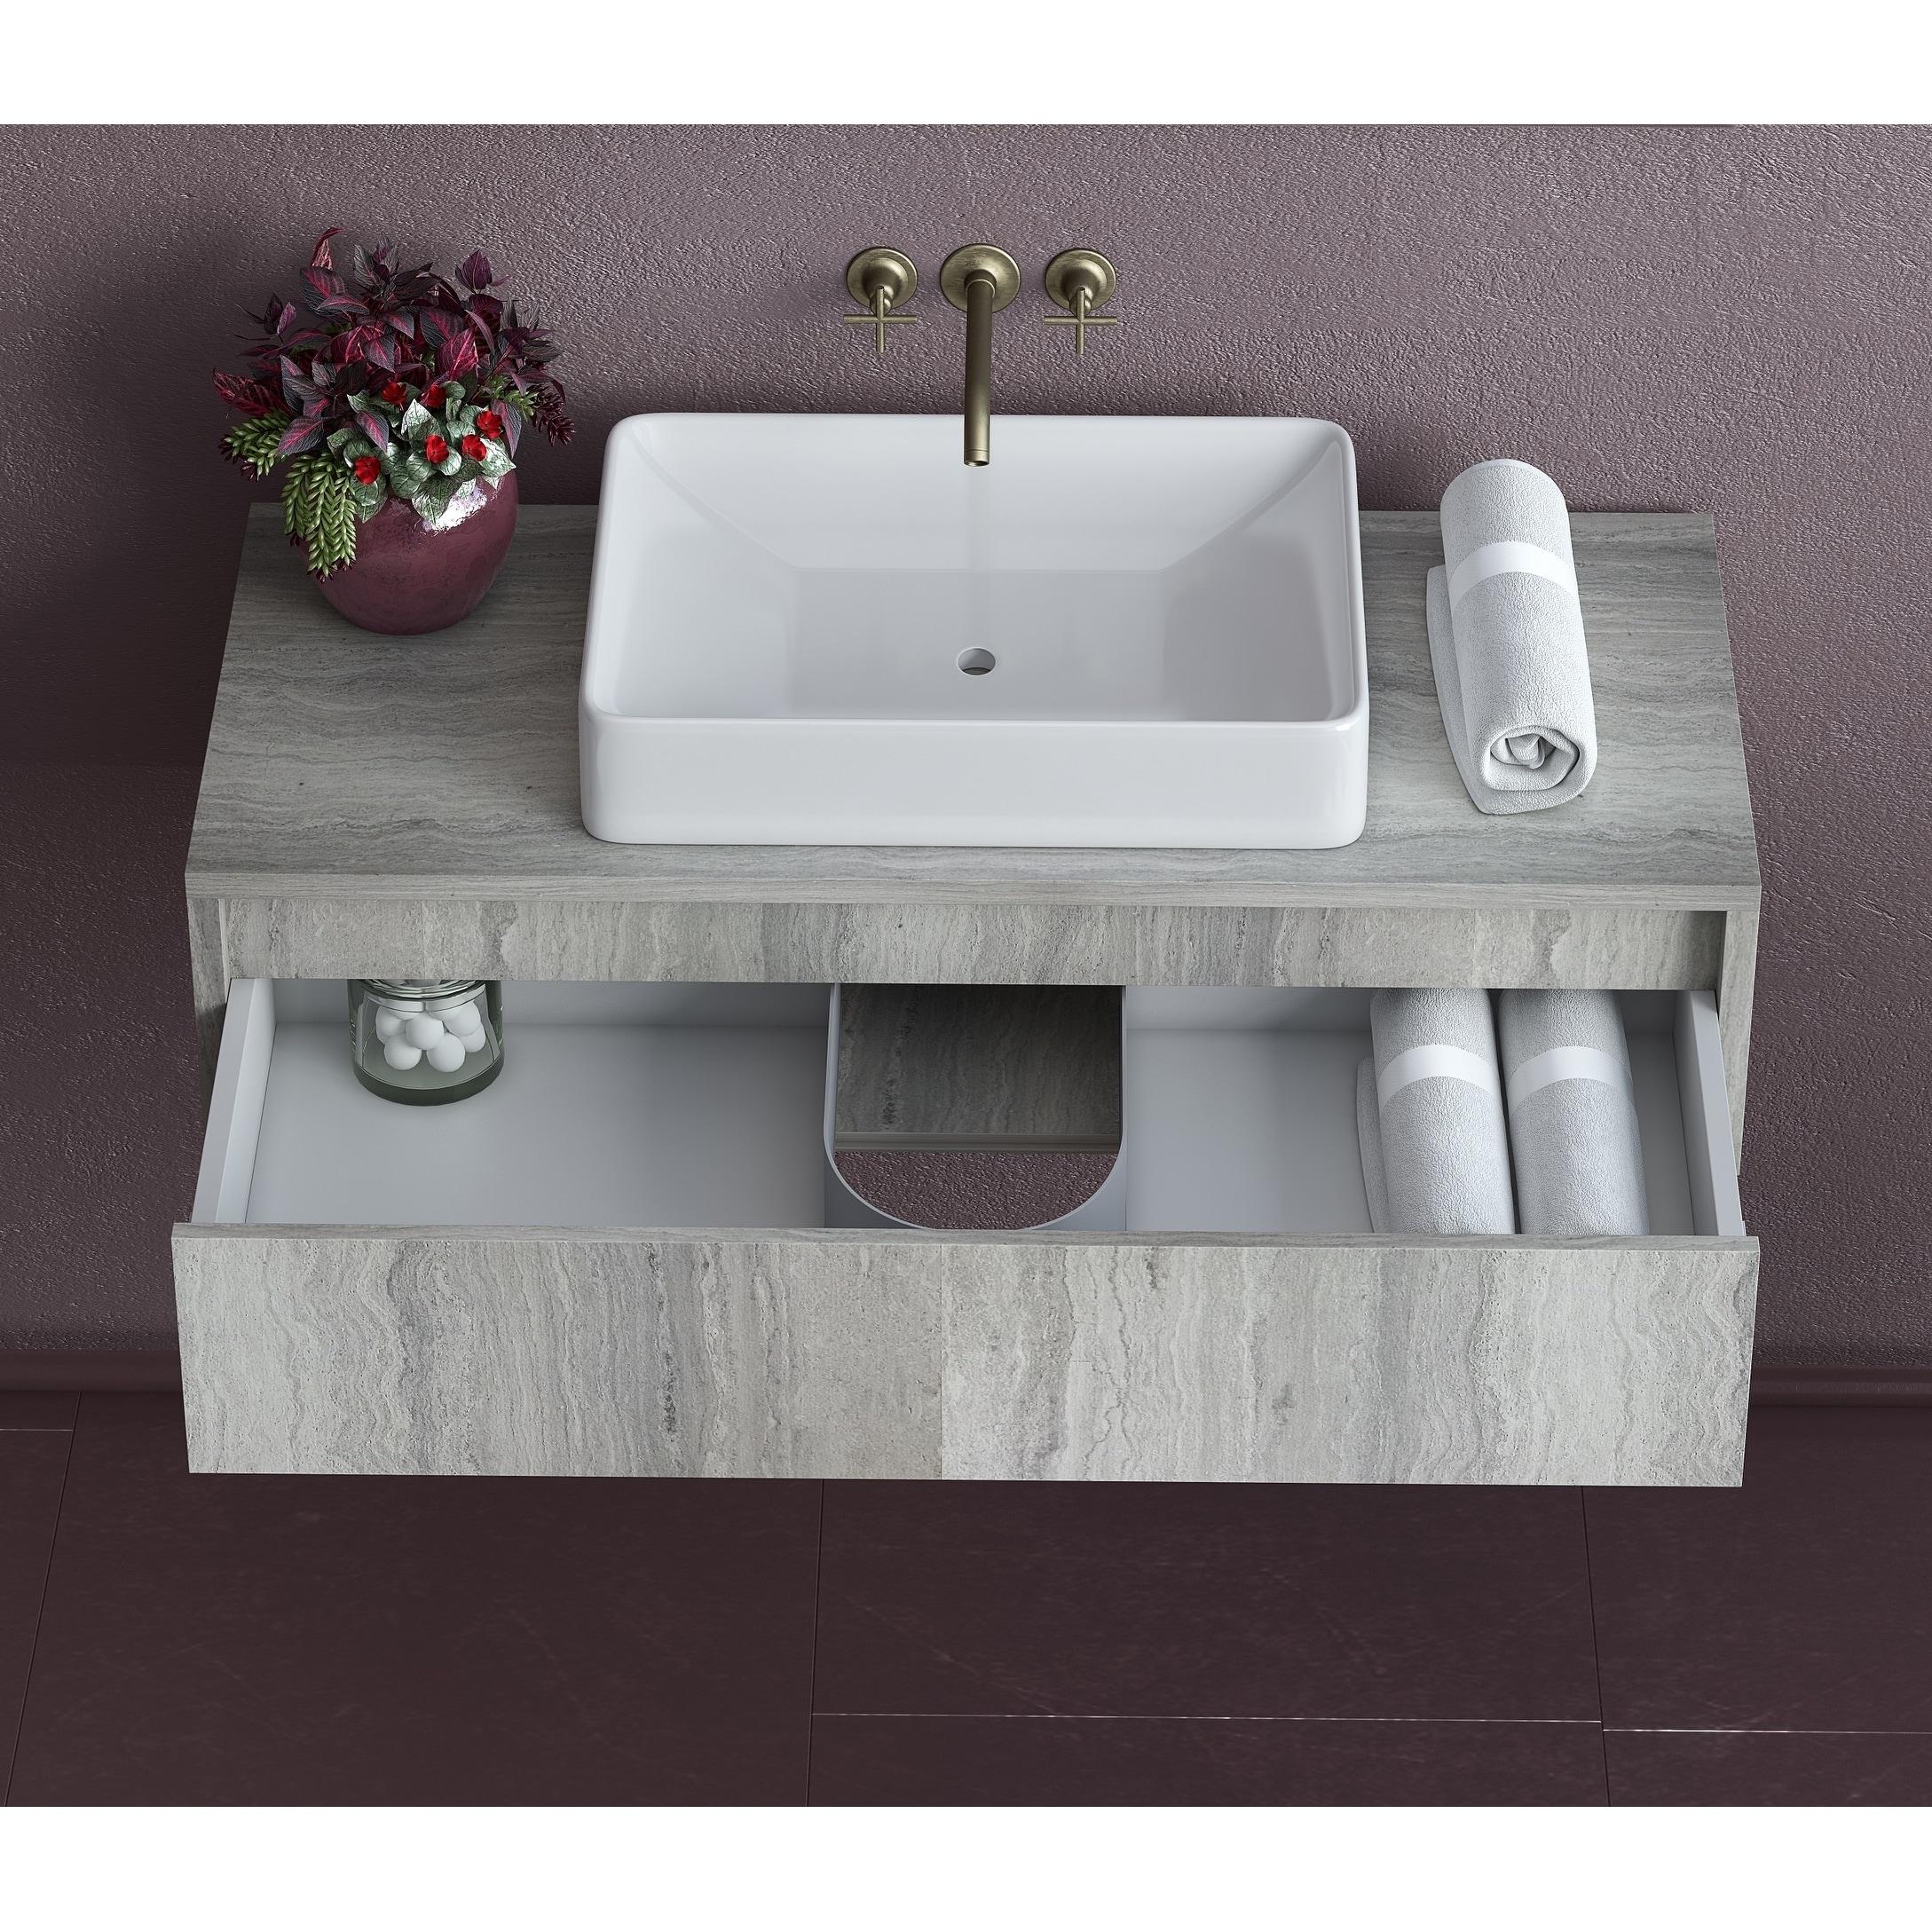 Shop Black Friday Deals On 36 Inch Floating Oak Bathroom Vanity Sink Set Grey Oak With White Vessel Sink Overstock 30740266